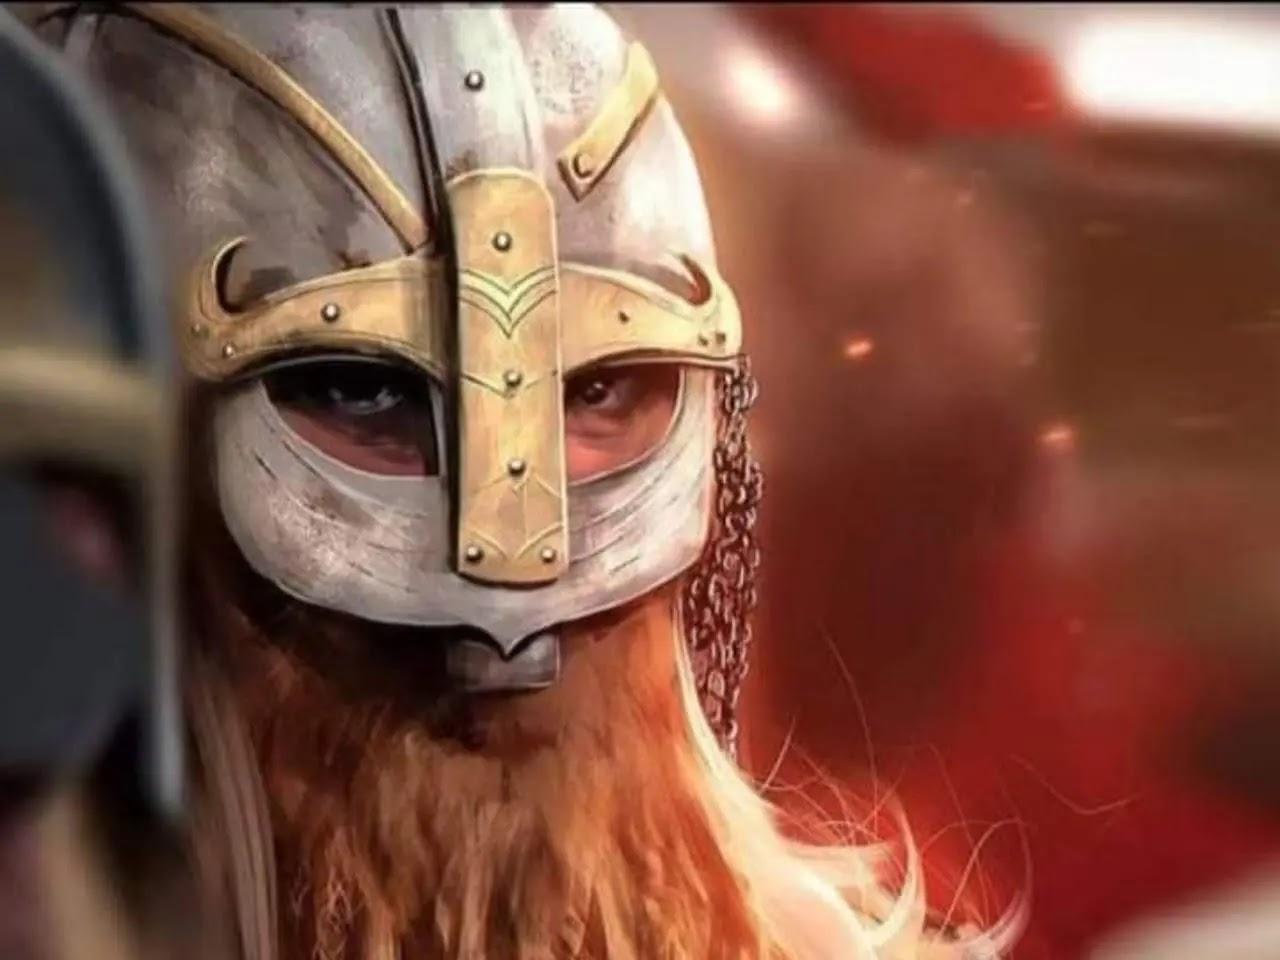 Dhirar bin Al-Azwar, Dengan Namanya Sudah Cukup Untuk Mengetarkan Hati Musuh